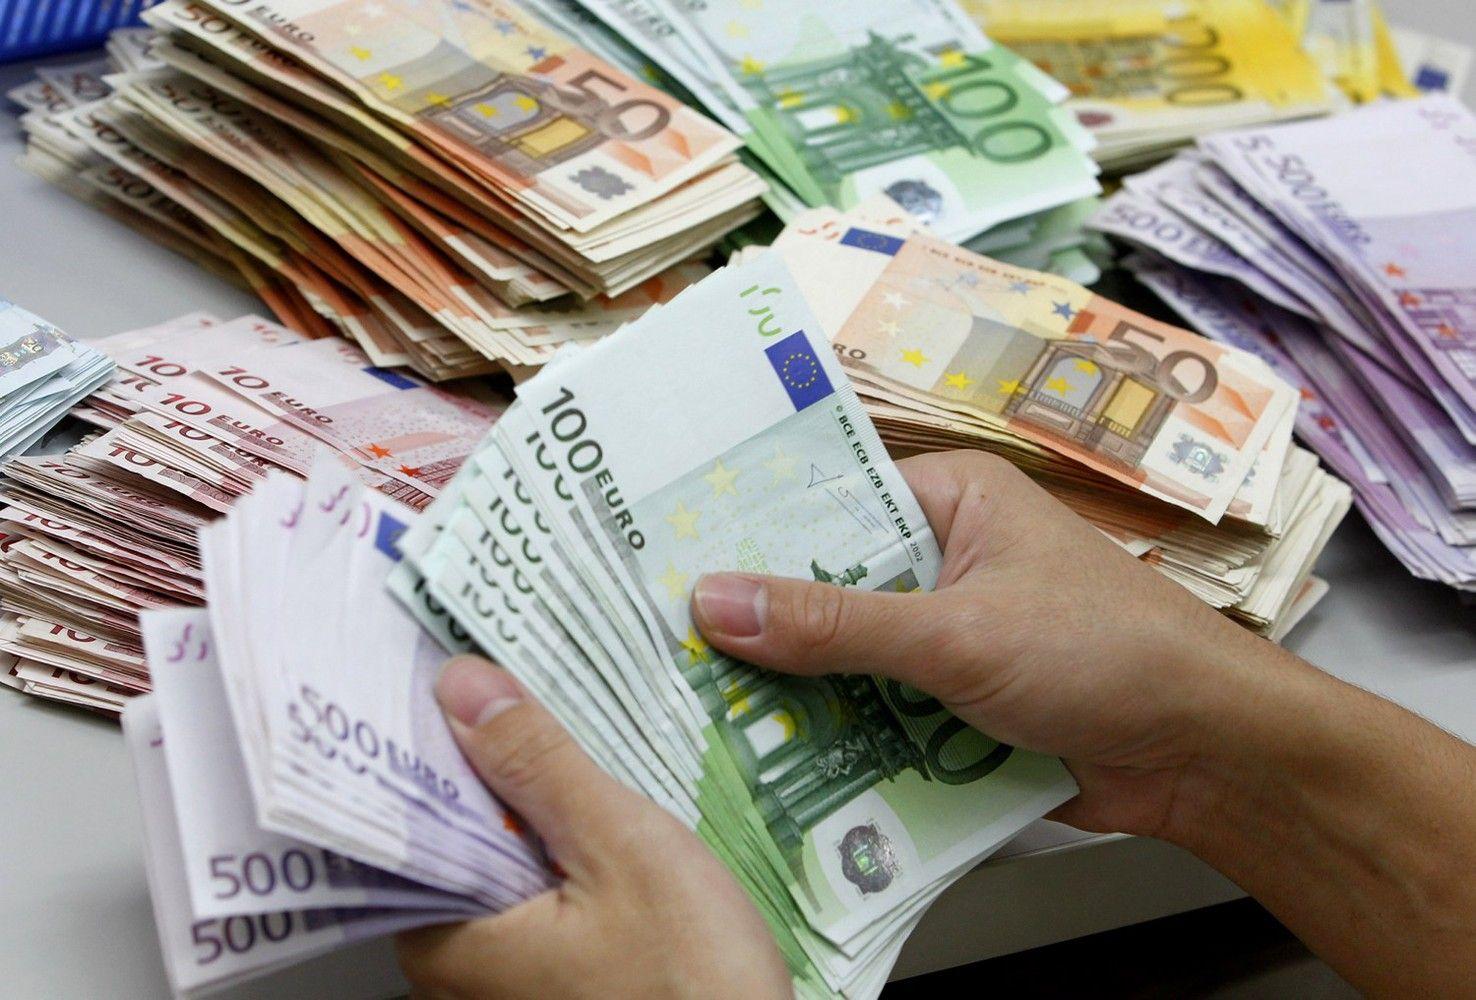 Lietuva nepanaudojo 1 mlrd. Eur ES lėšų – vidutinių pajamų spąstai priartėjo